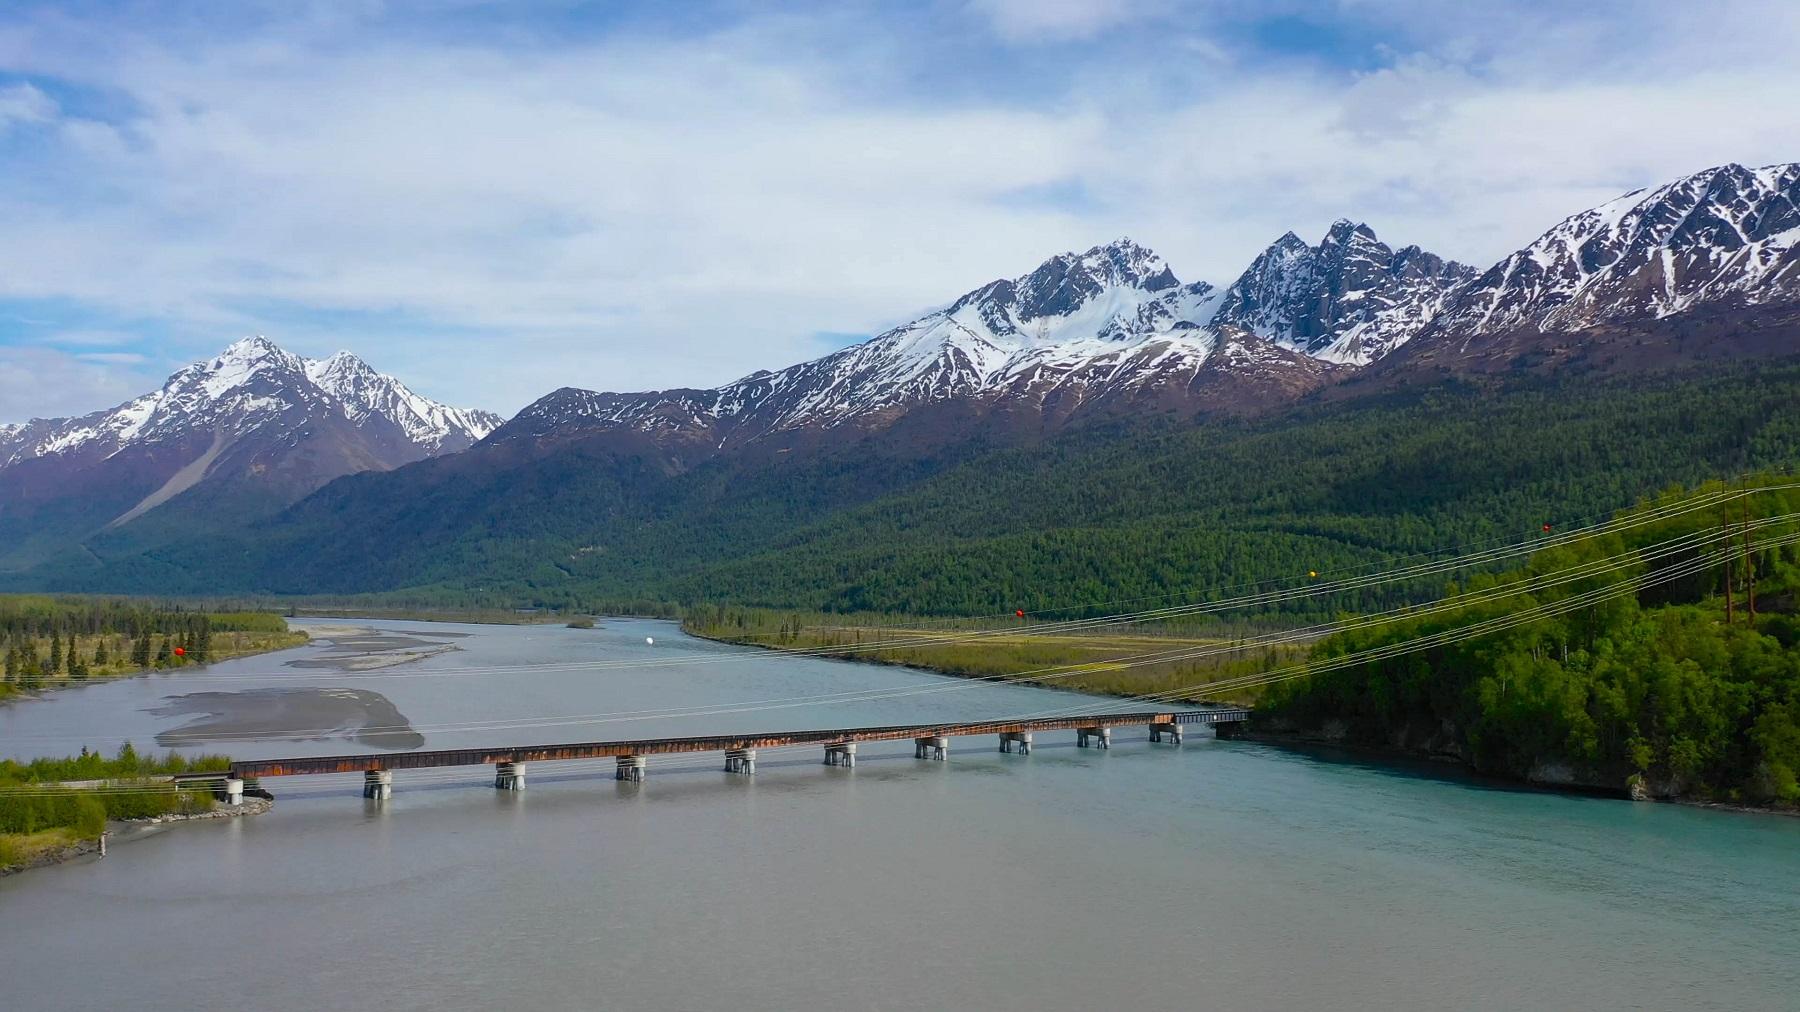 river mountains bridge trees